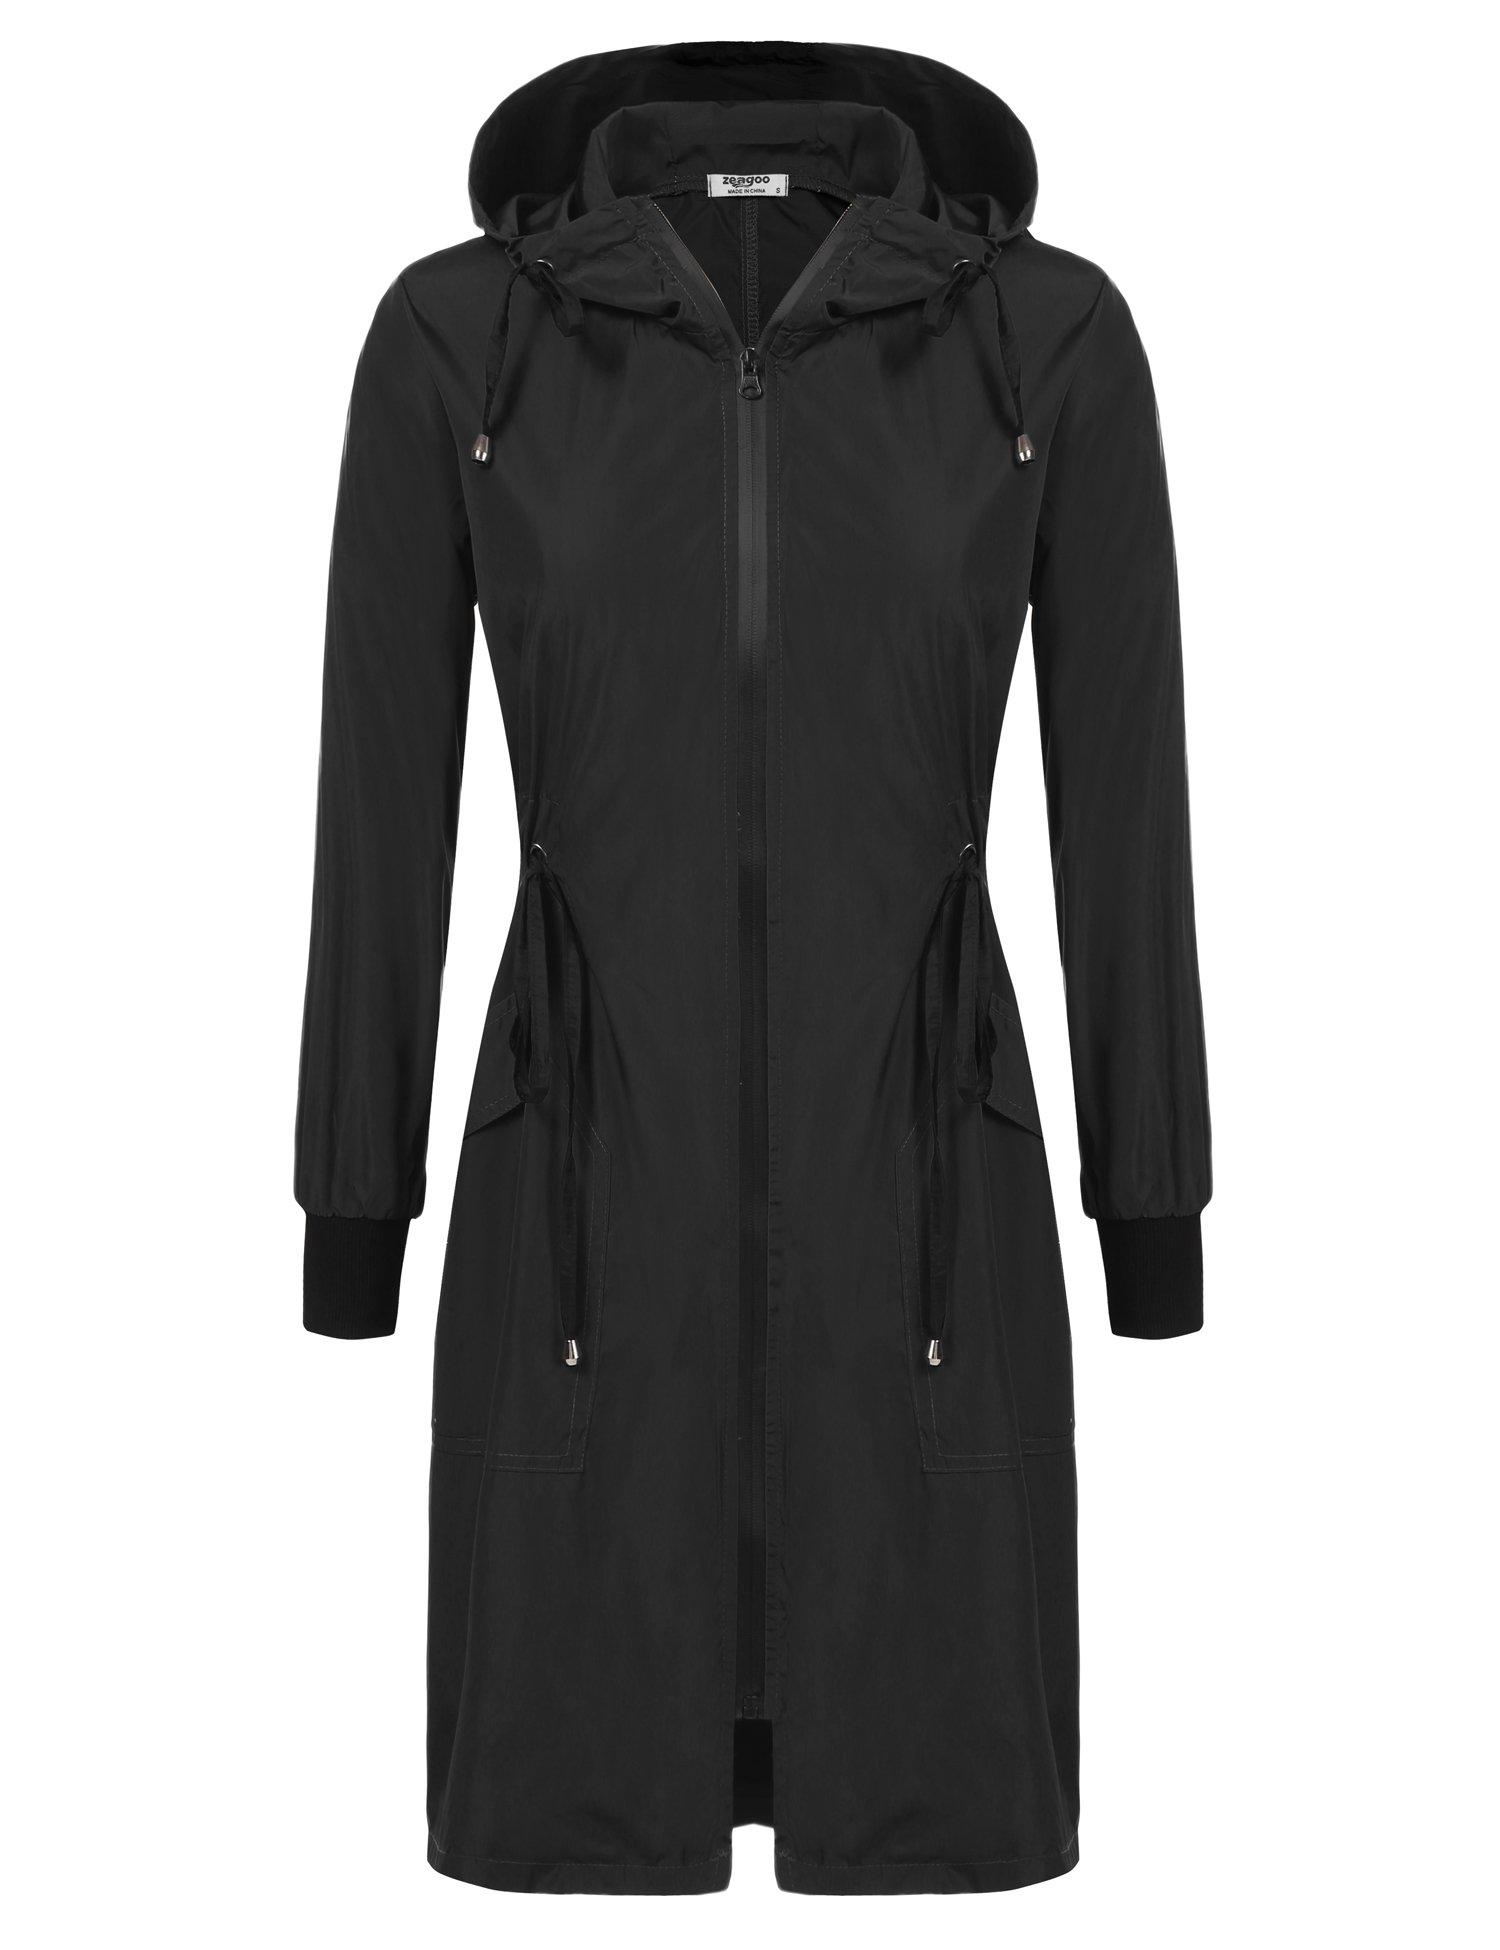 ELESOL Lightweight Rain Jacket Women Hooded Raincoat Waterproof Windbreaker